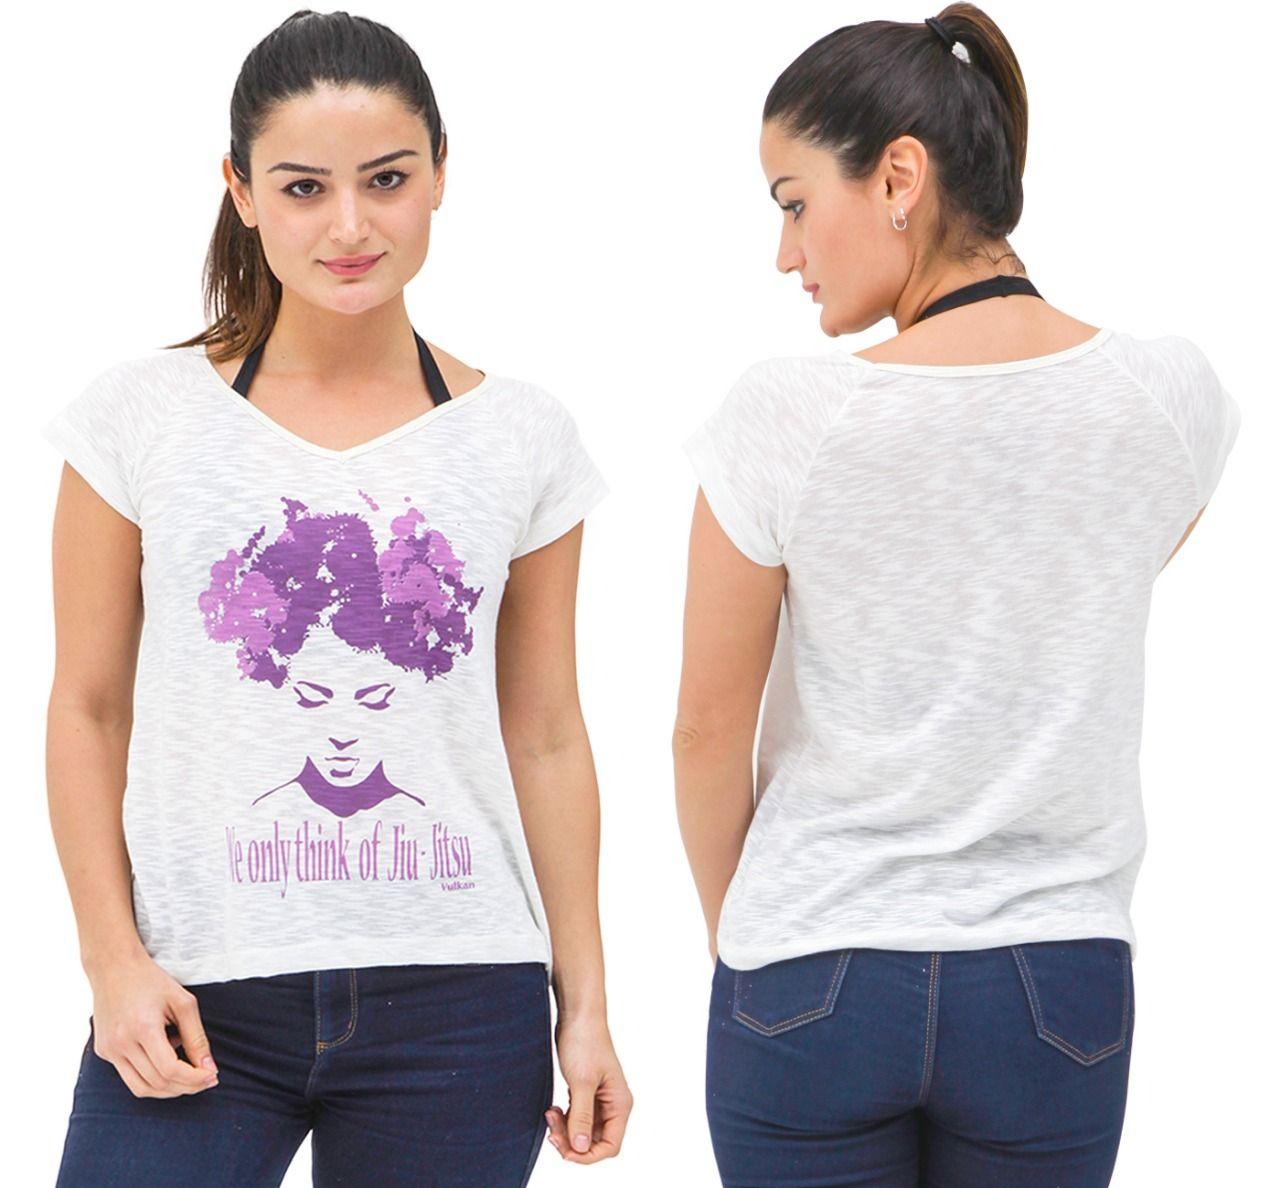 Camiseta Bege Feminina Jiu Jitsu Vulkan - ONE & ONLY BEGE